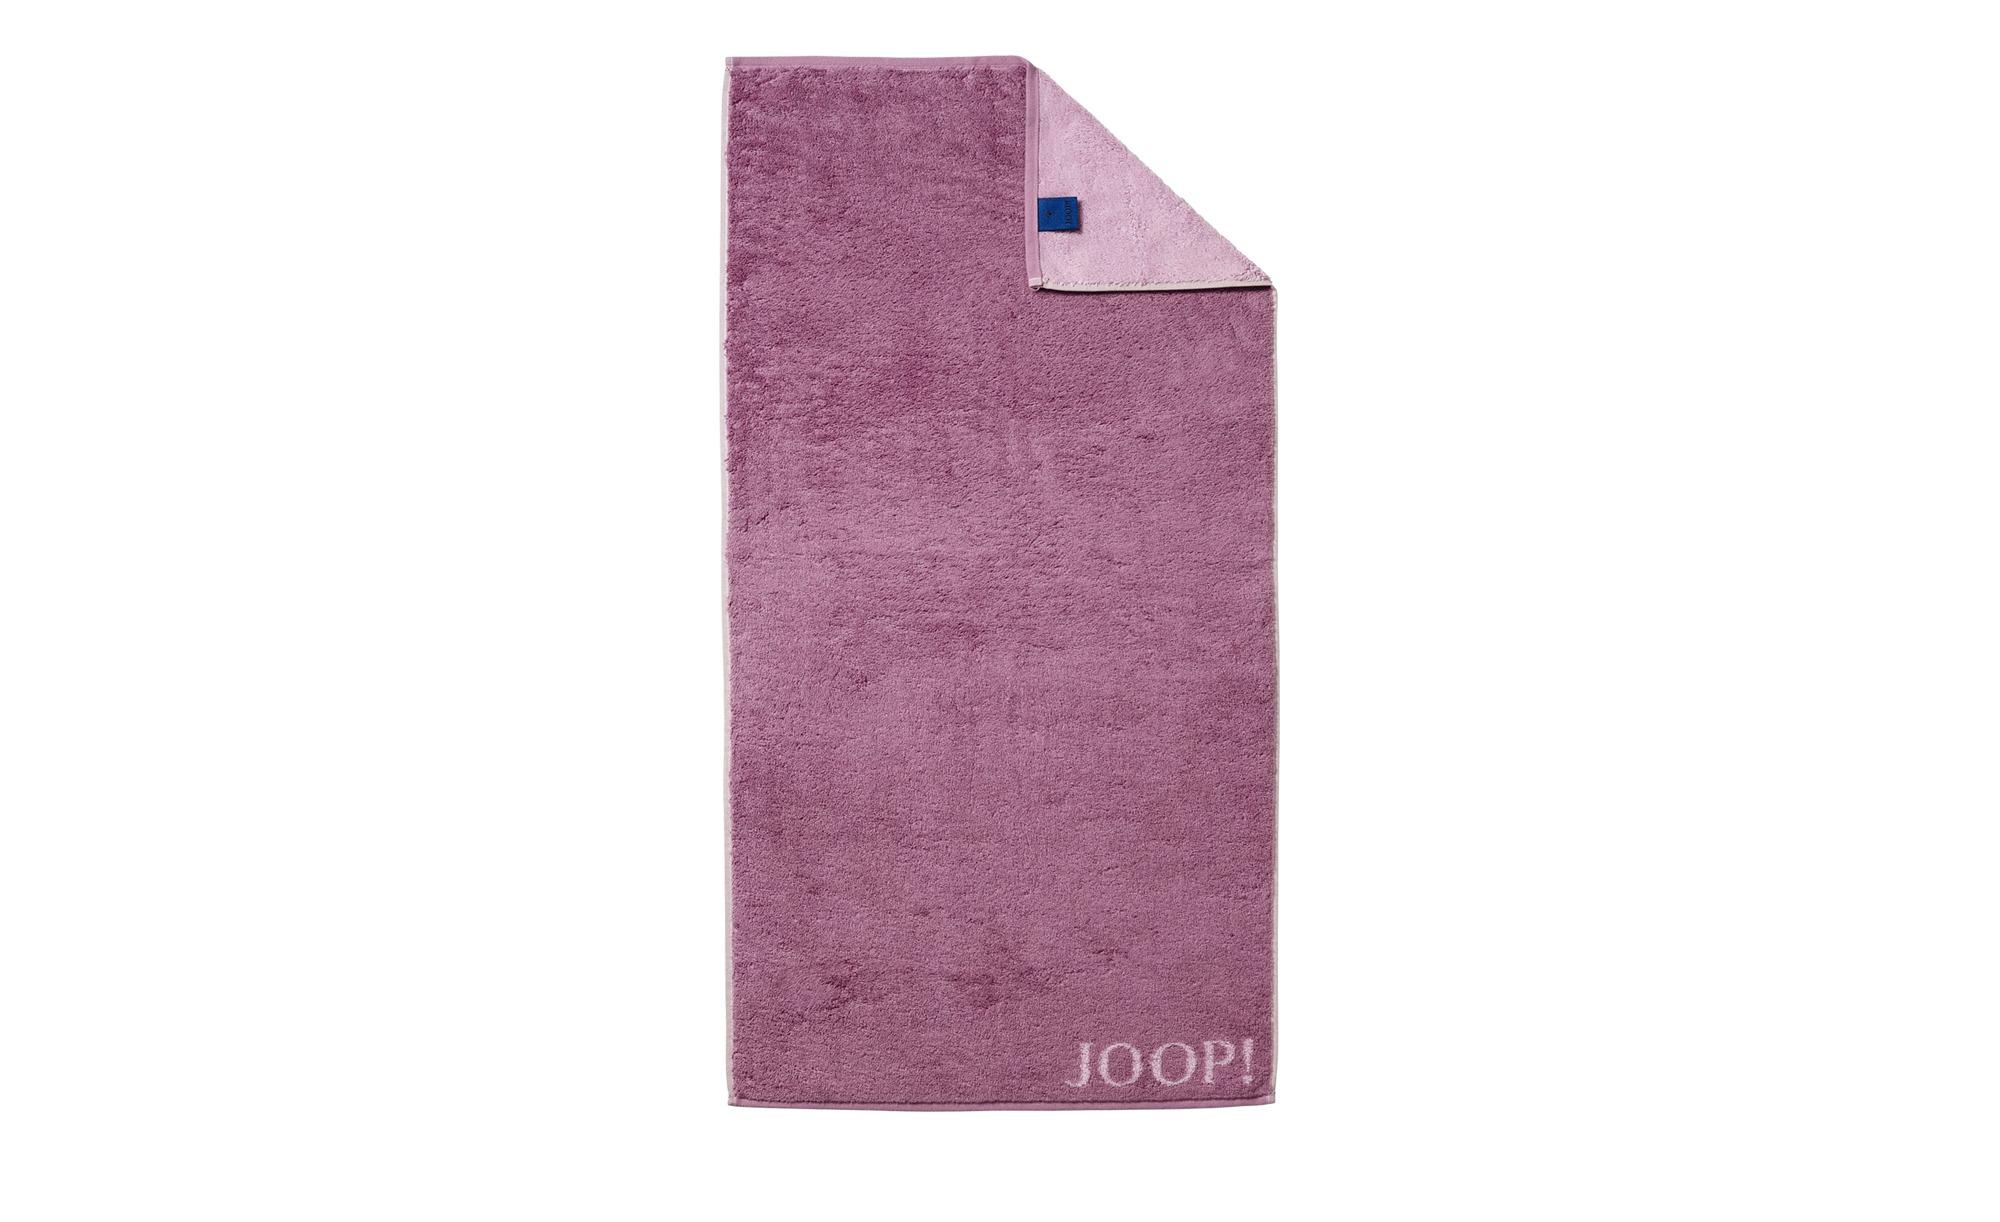 JOOP! Duschtuch  JOOP 1600 Classic Doubleface ¦ rosa/pink ¦ 100% Baumwolle ¦ Maße (cm): B: 80 Badtextilien und Zubehör > Handtücher & Badetücher > Duschtücher - Höffner